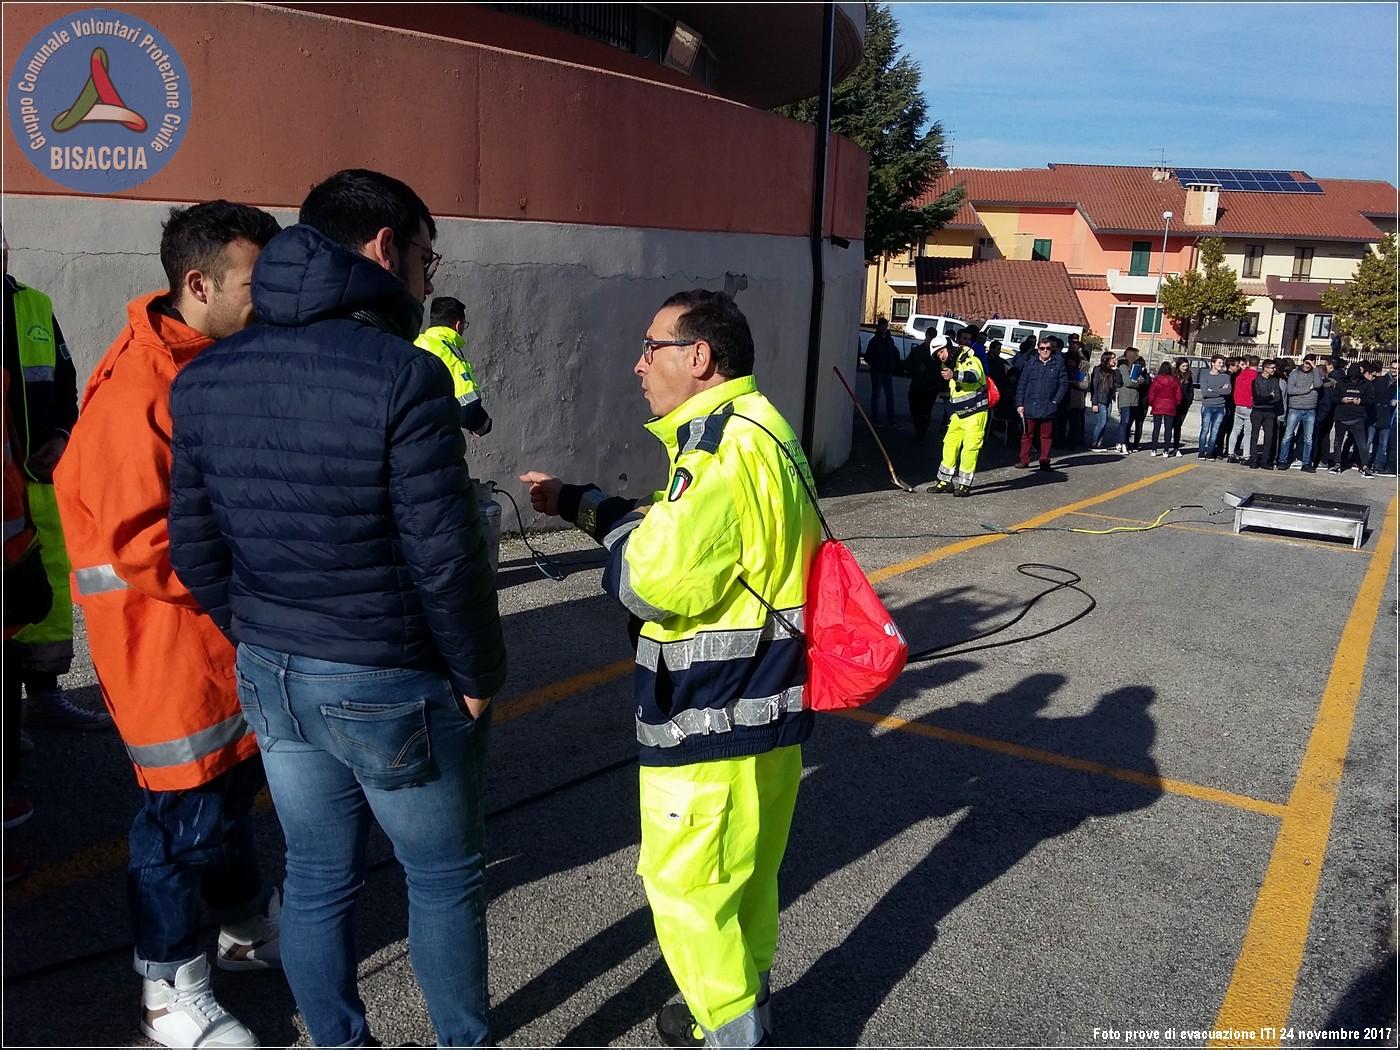 GCVPC evacuazionE ITI 201700015